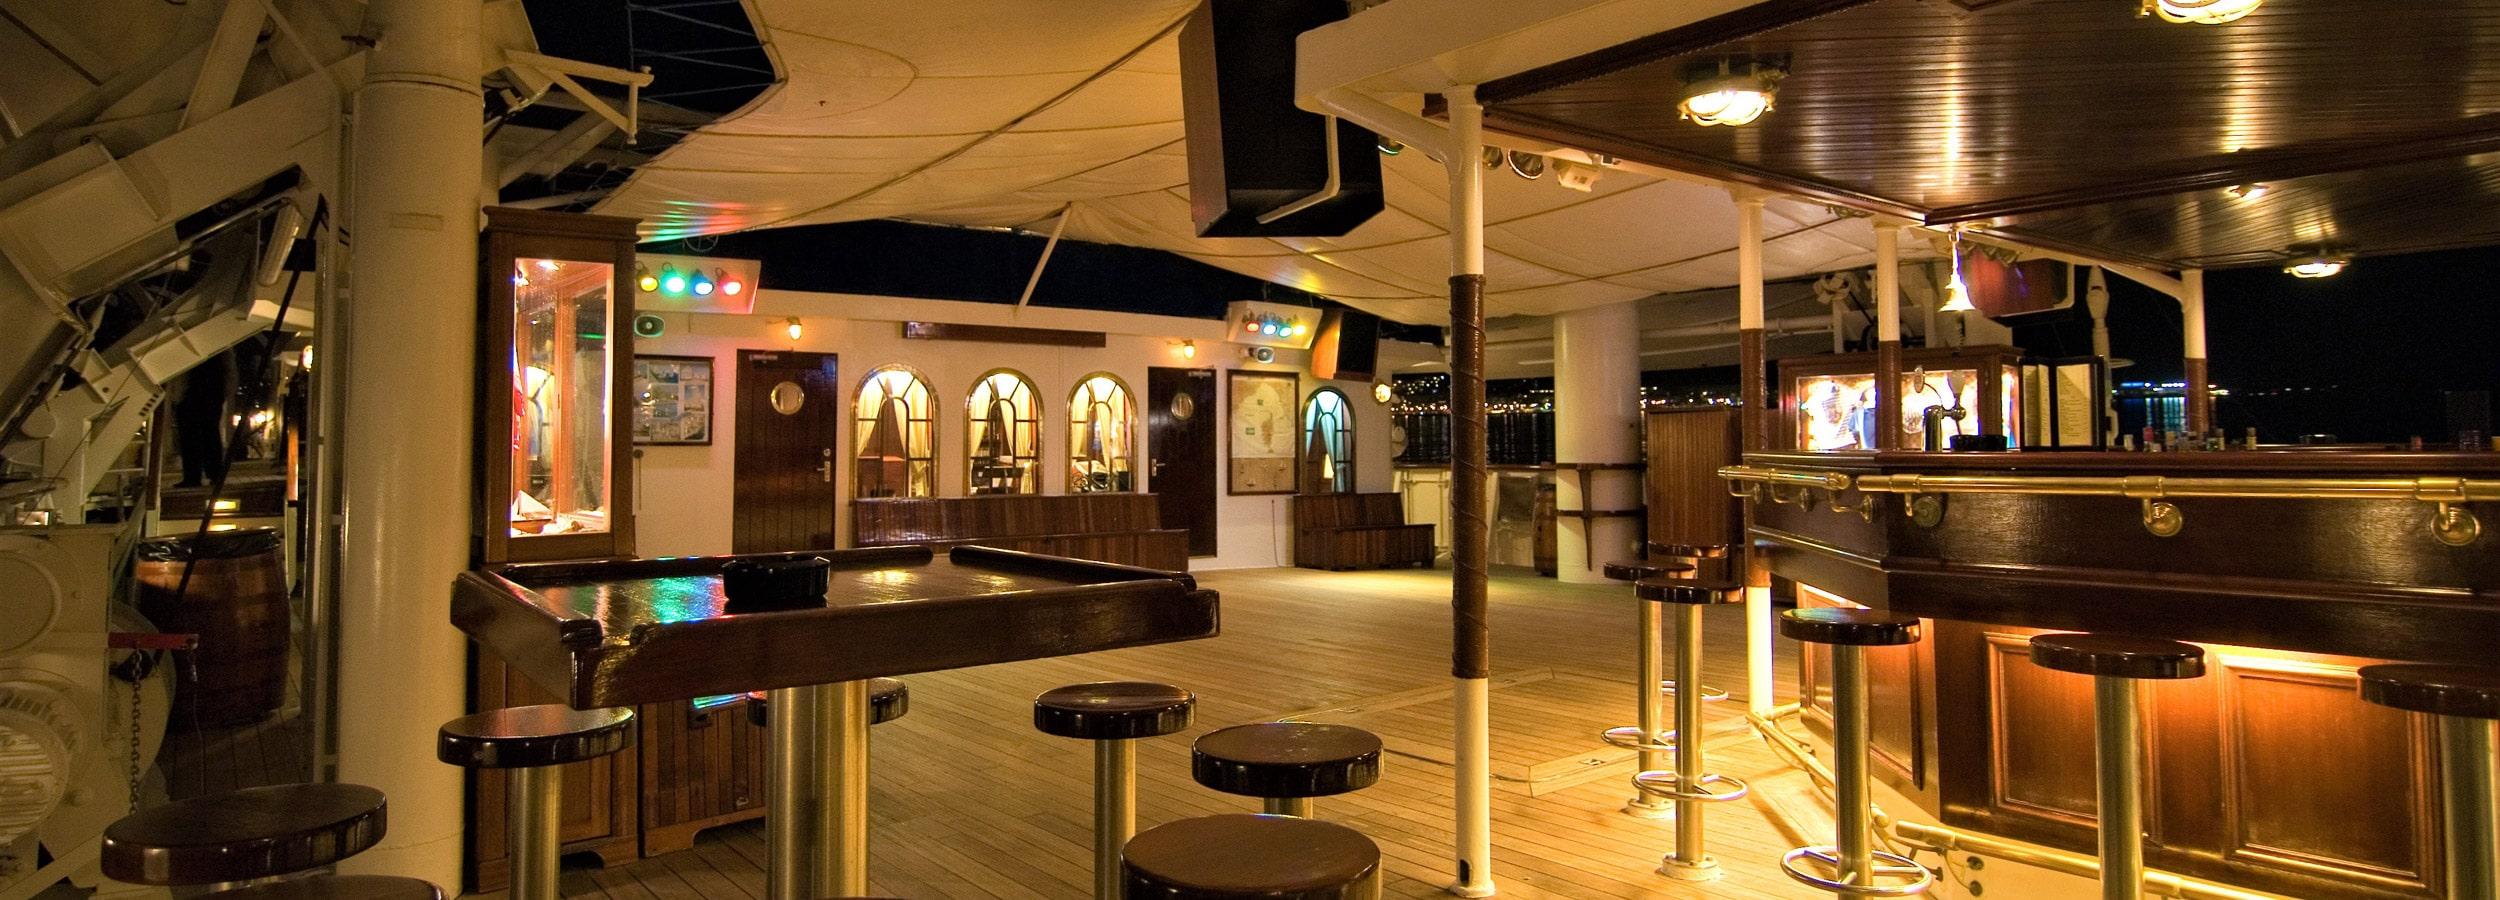 Wenn in karibischen Gefilden eine warme Brise durch das Zwischendeck weht, wird diese Bar beliebte Tanz- und Partylocation.